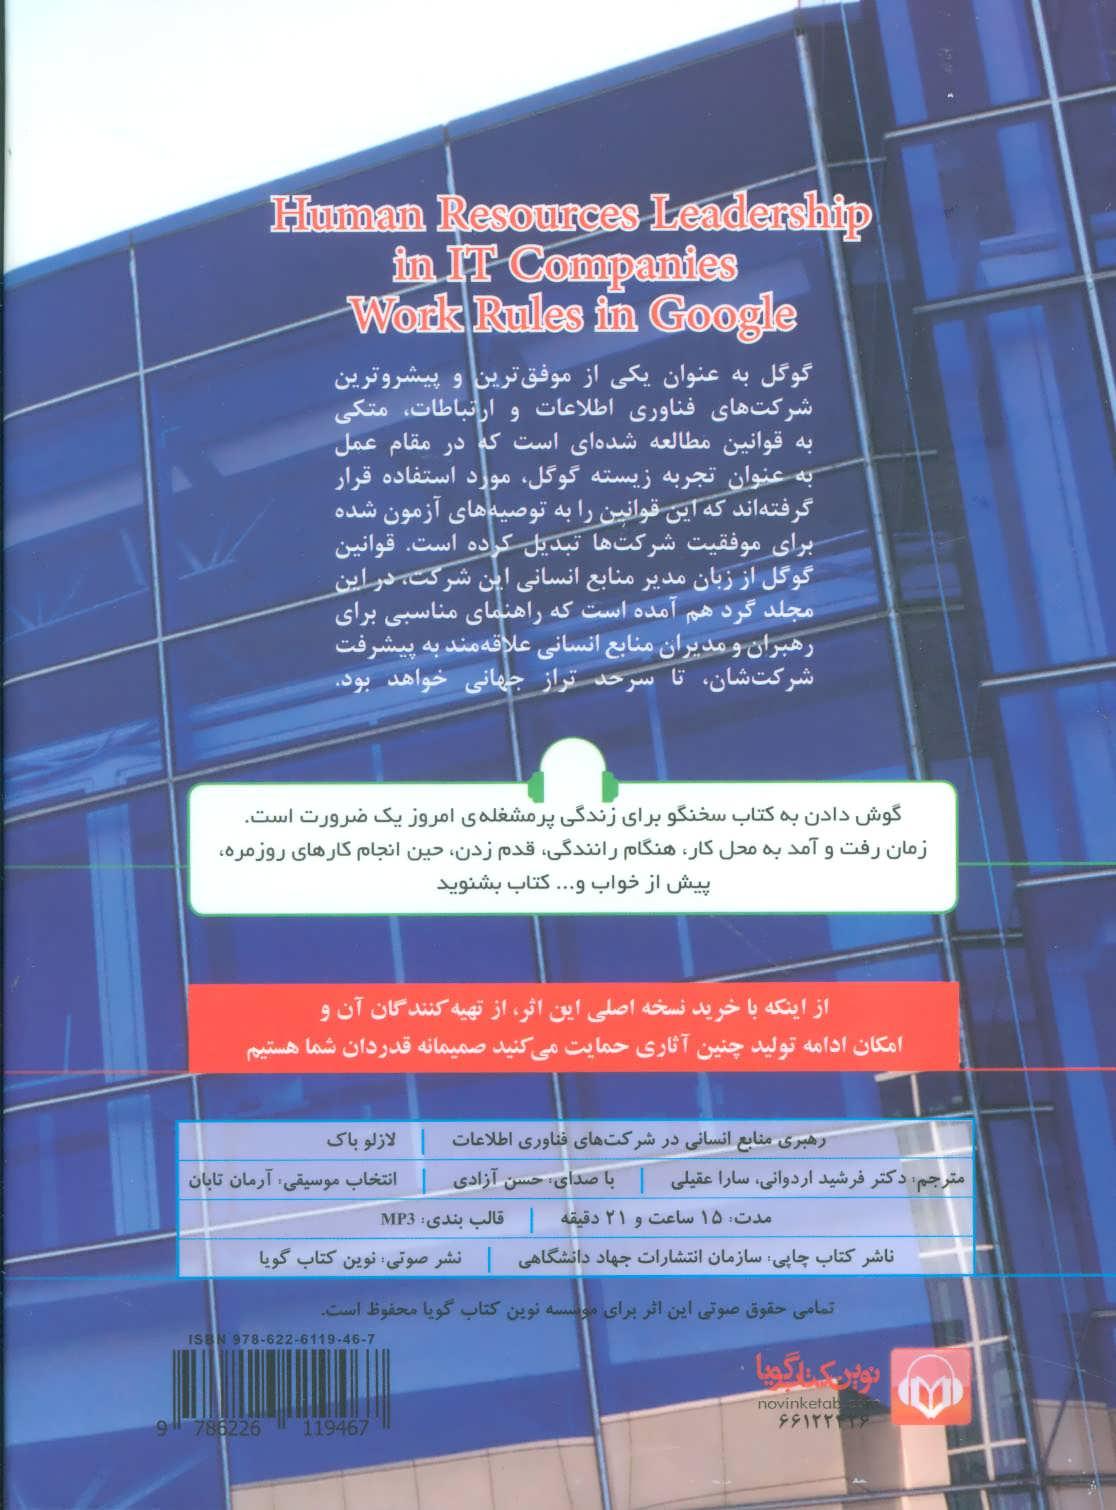 کتاب سخنگو رهبری منابع انسانی در شرکت های فناوری اطلاعات (قوانین کار در گوگل)،(باقاب)